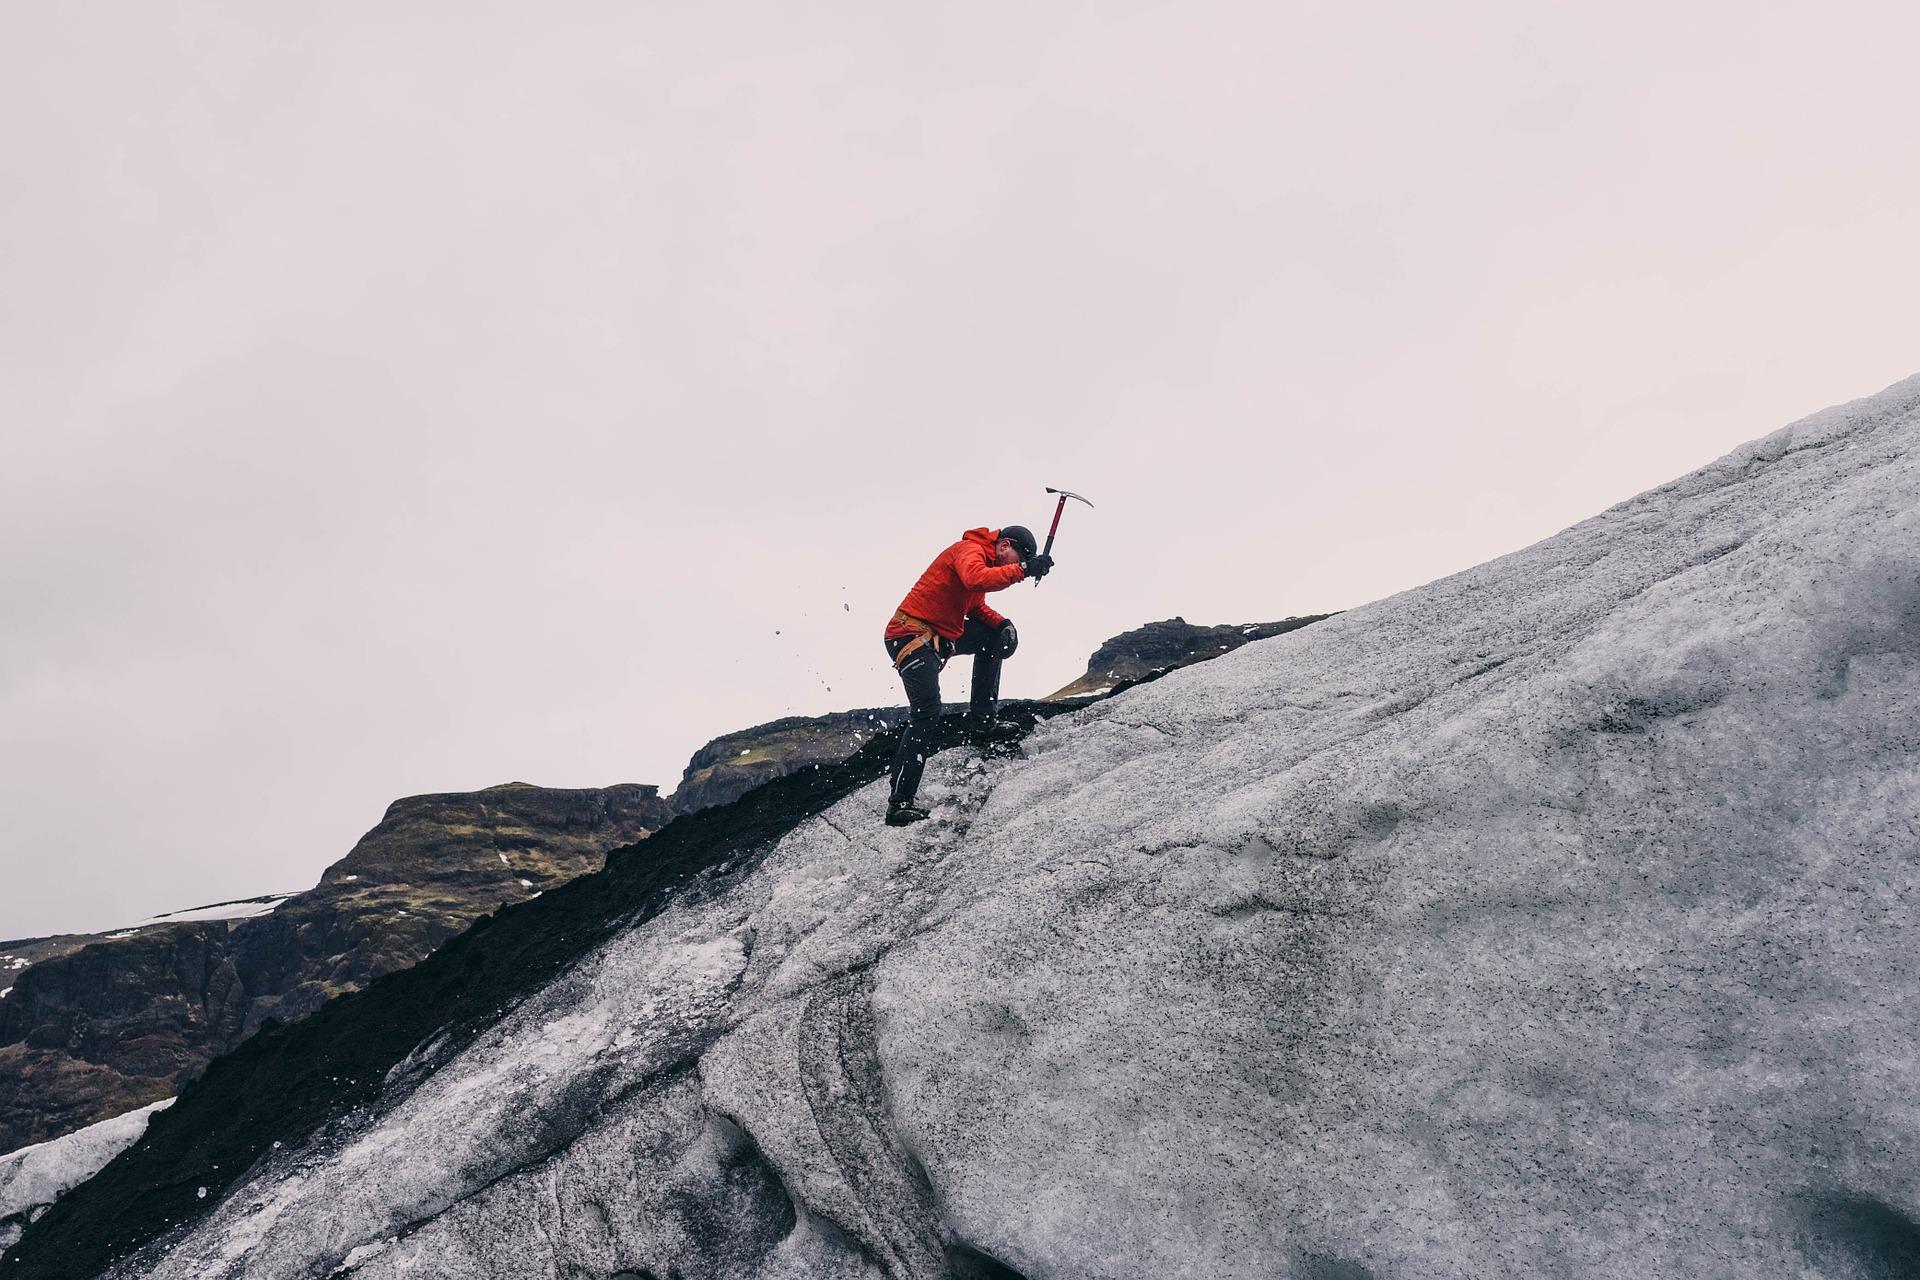 Pokora, vďačnosť a predstavivosť ako cesta k úspechu